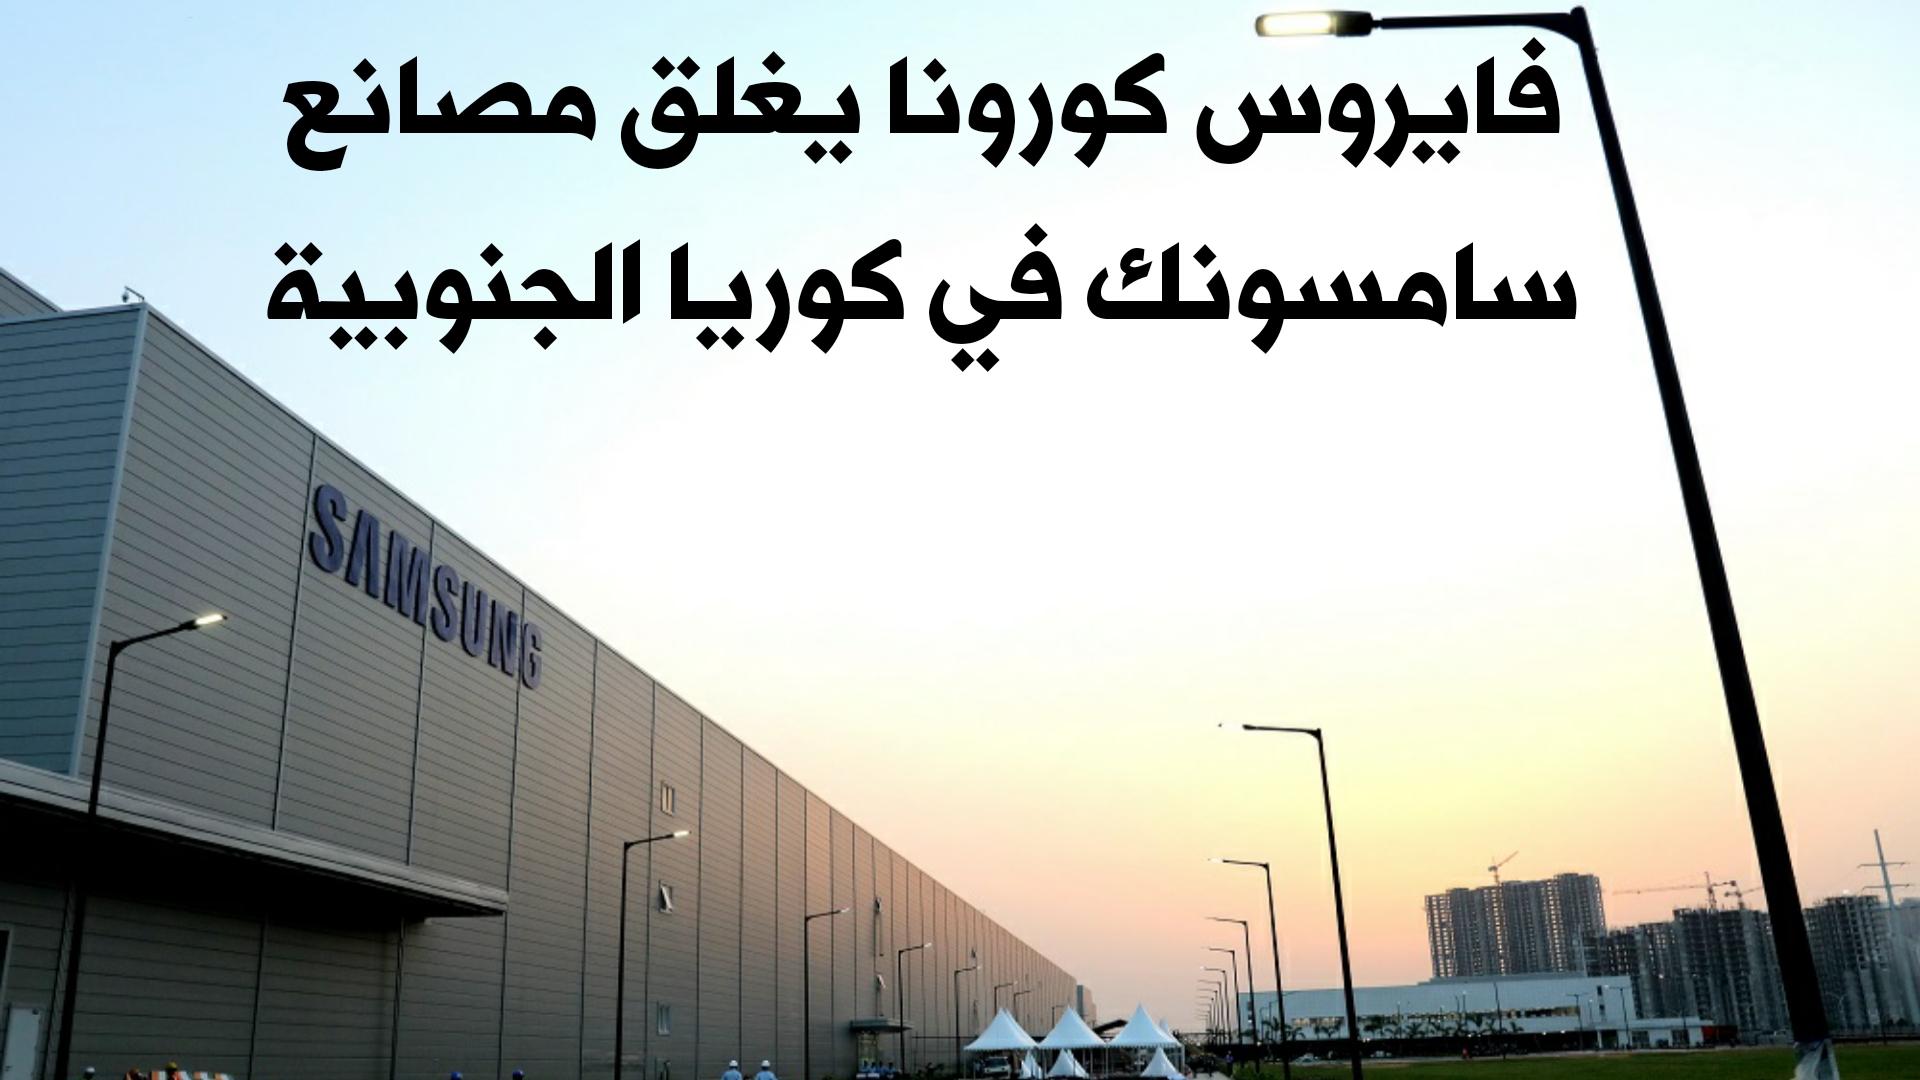 فايروس كورونا القاتل يتسبب بأغلاق أحد مصانع Samsung في كوريا الجنوبية مؤقتاً وهو مصنع هاتف Galaxy Z Flip !!!